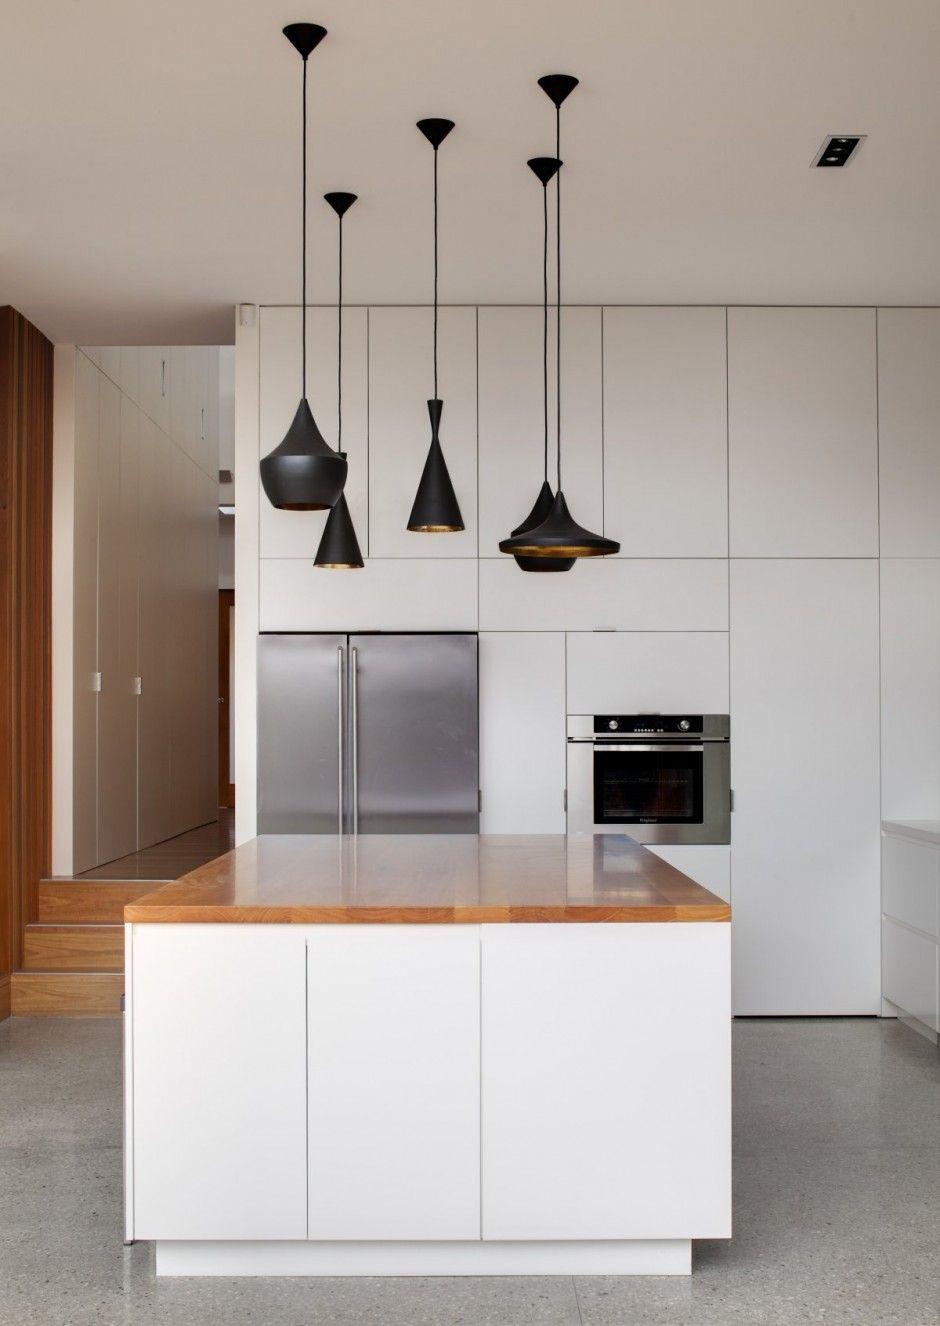 Lampade Per Cucine Moderne.Lampade Per Penisola O Tavolo Nel 2019 Design Cucine